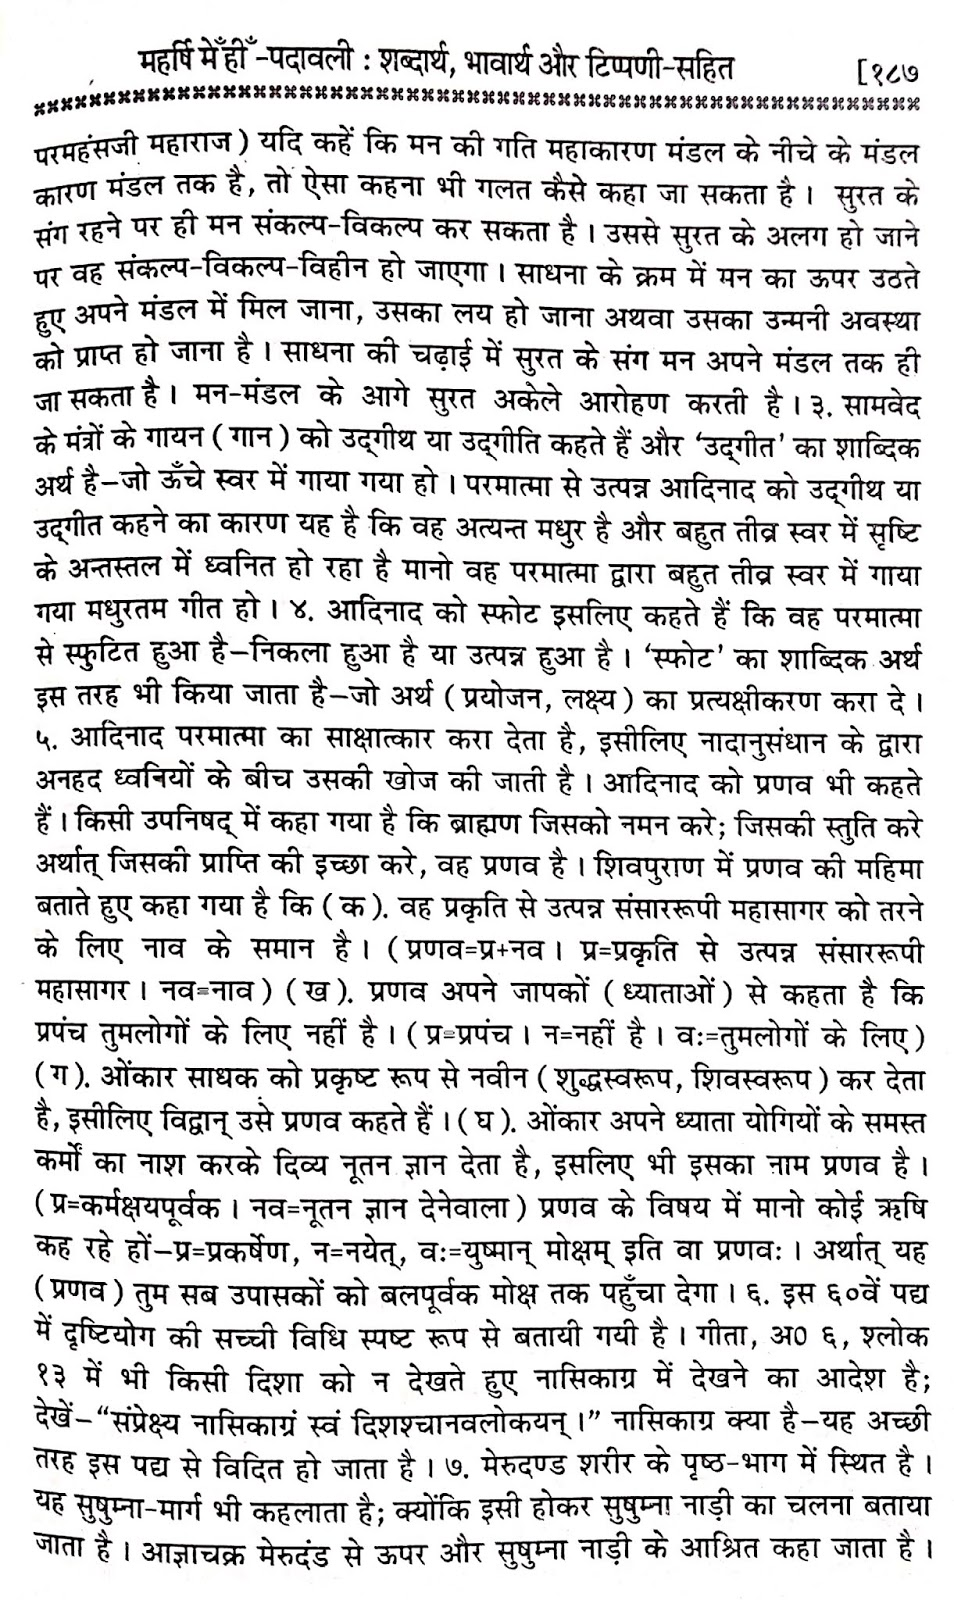 """P60, Complete knowledge of Vindu meditation? """"अध: ऊर्ध्व अरु दांएं बांएं।..."""" महर्षि मेंहीं पदावली अर्थ सहित। पदावली भजन 60 का टिप्पणी। उपनिषदों में नाद चर्चा।"""